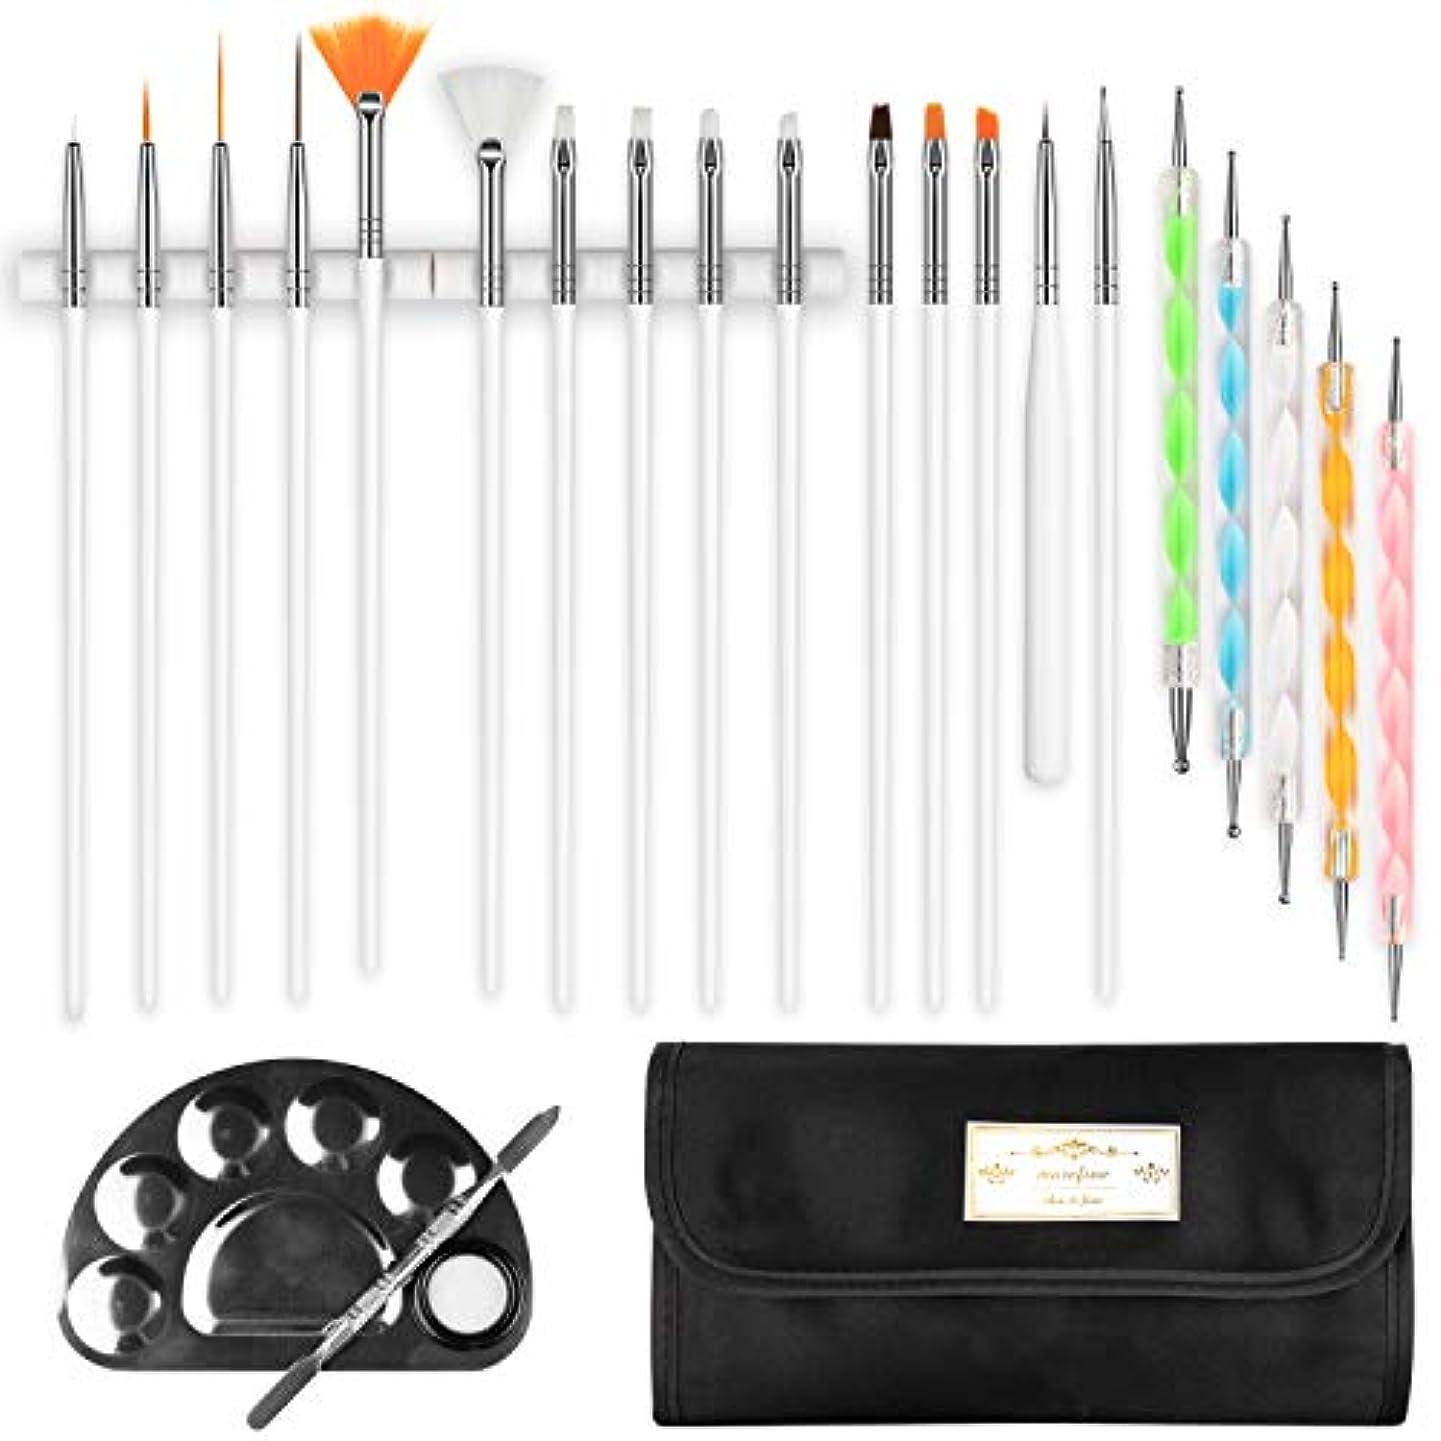 ブラウザそばに可決Morefine ネイルブラシ ジェルネイル 筆 ネイル筆15本 カラードットペン5本 ネイルアートブラシ用ホルダー2本、パレット1個&取扱説明書付 初心者、プロにも最適